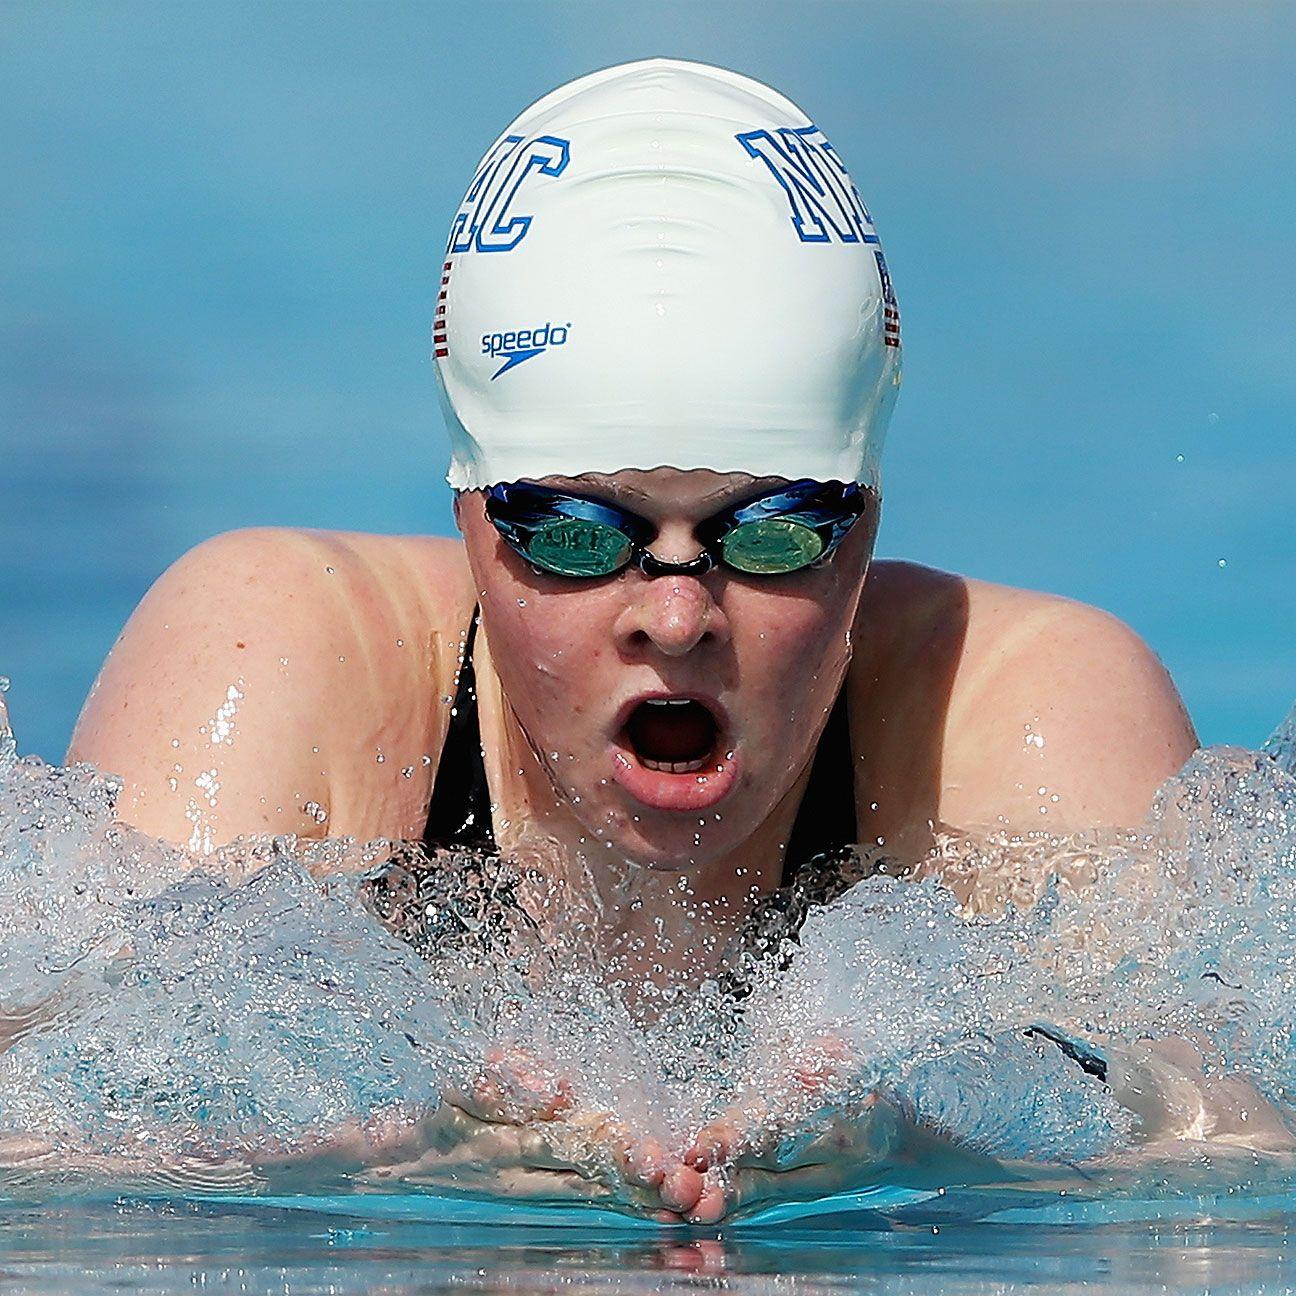 Arizona Gold Swimming: Andrew Gemmell, Becca Mann Win 10-kilometer Titles At U.S